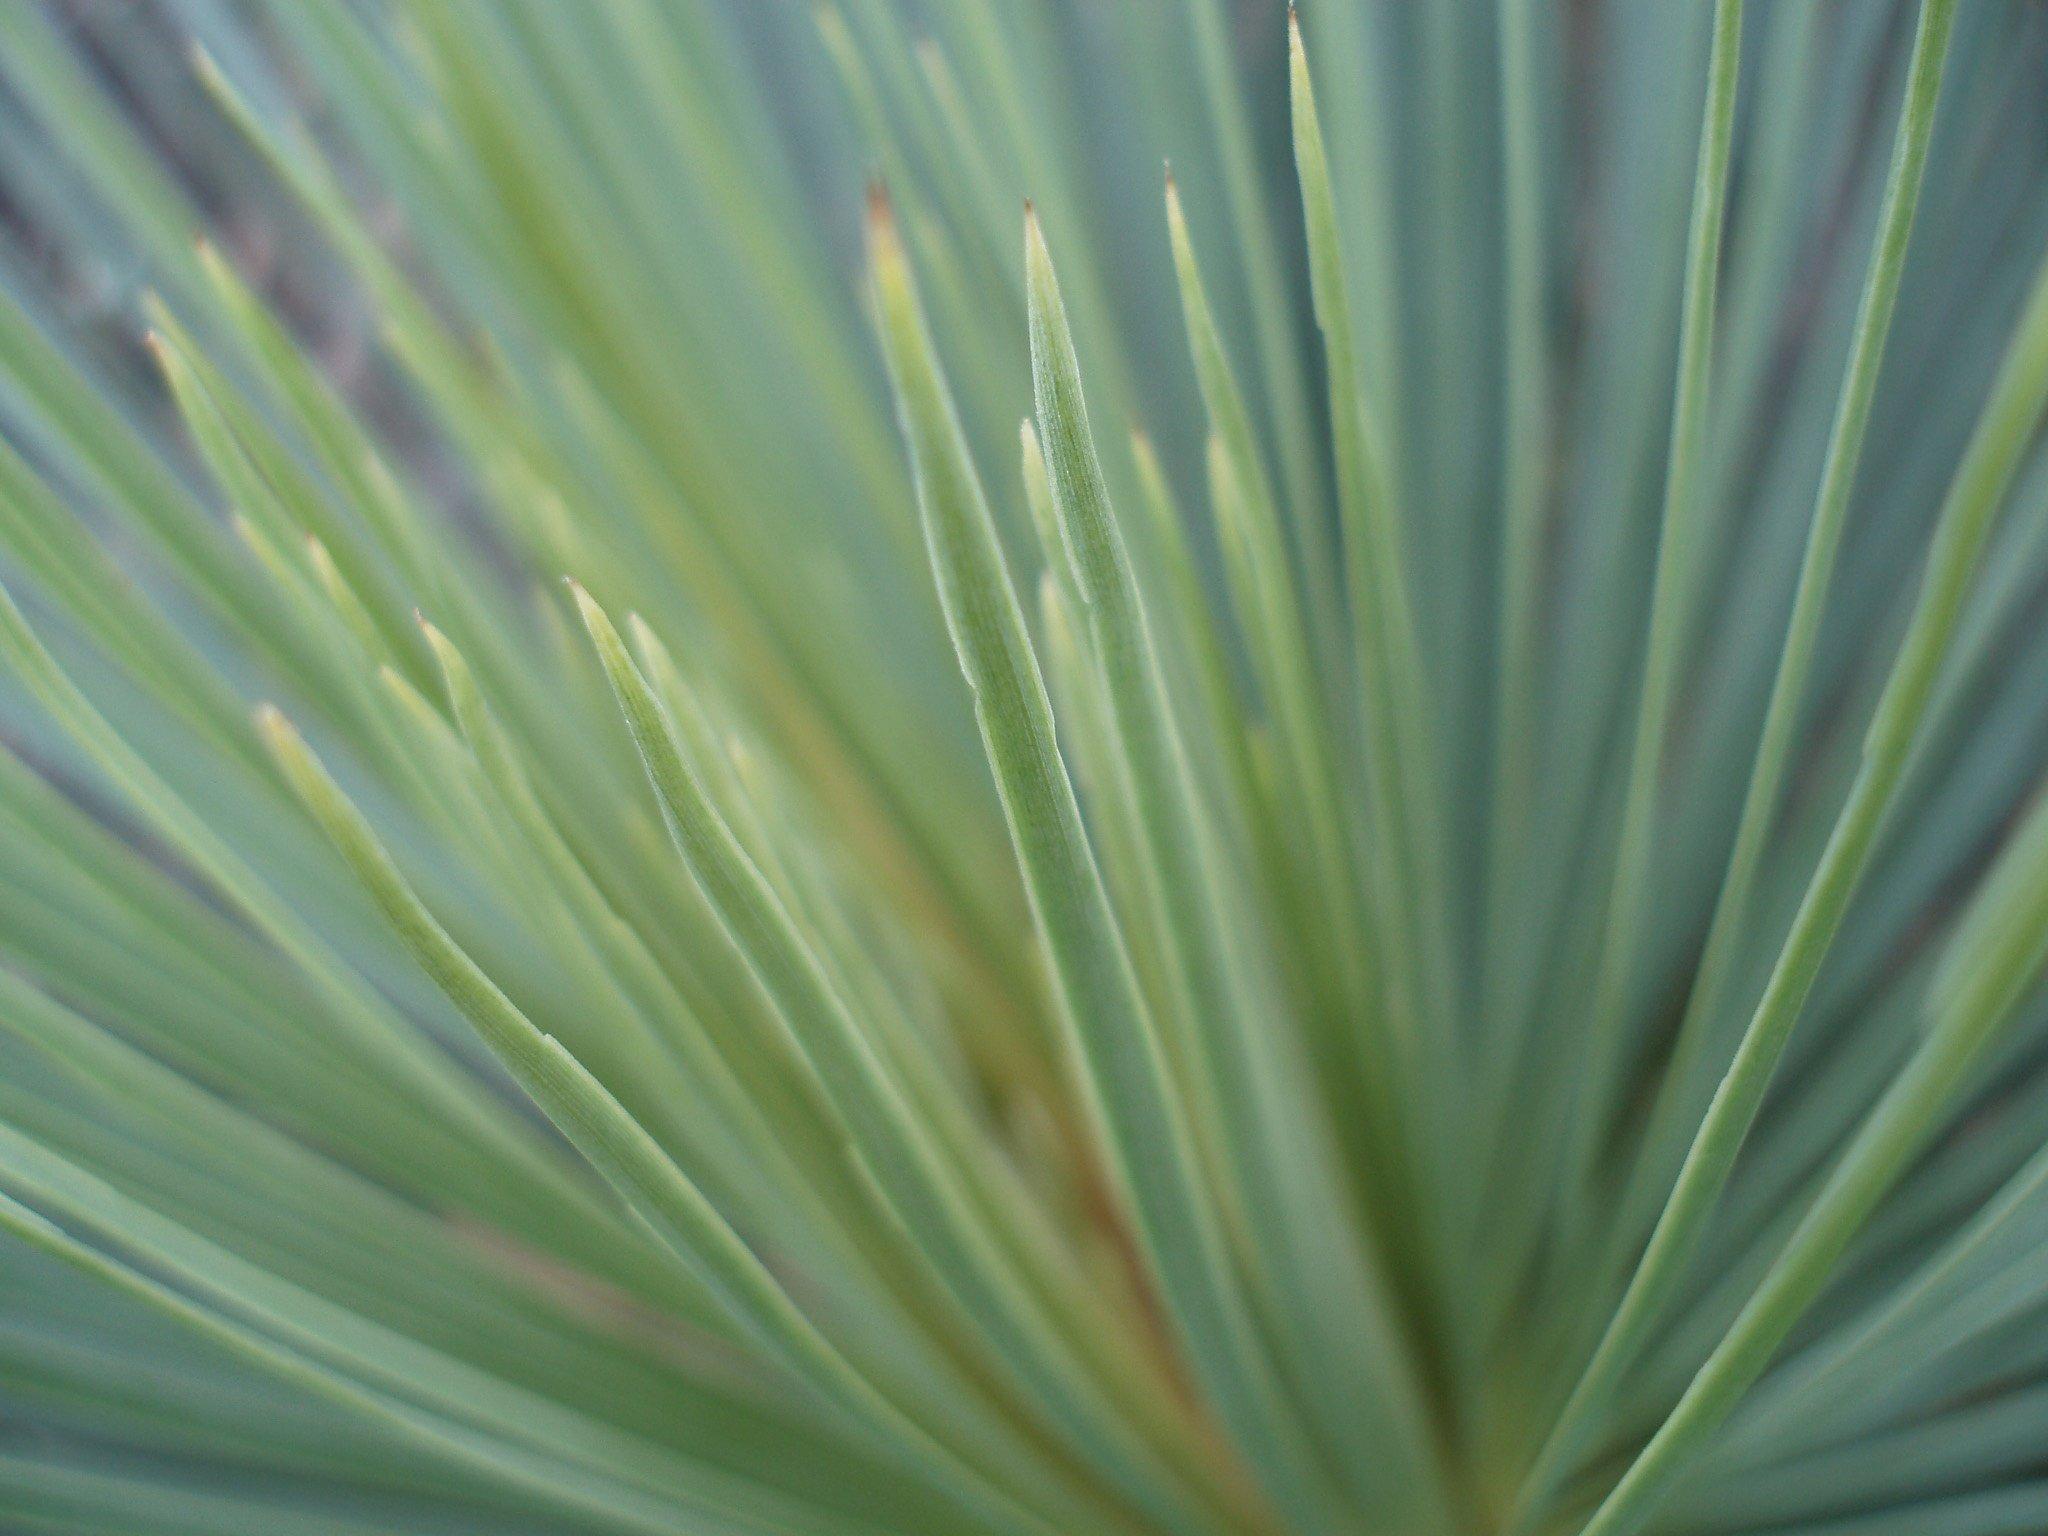 green_grassP1011513.jpg